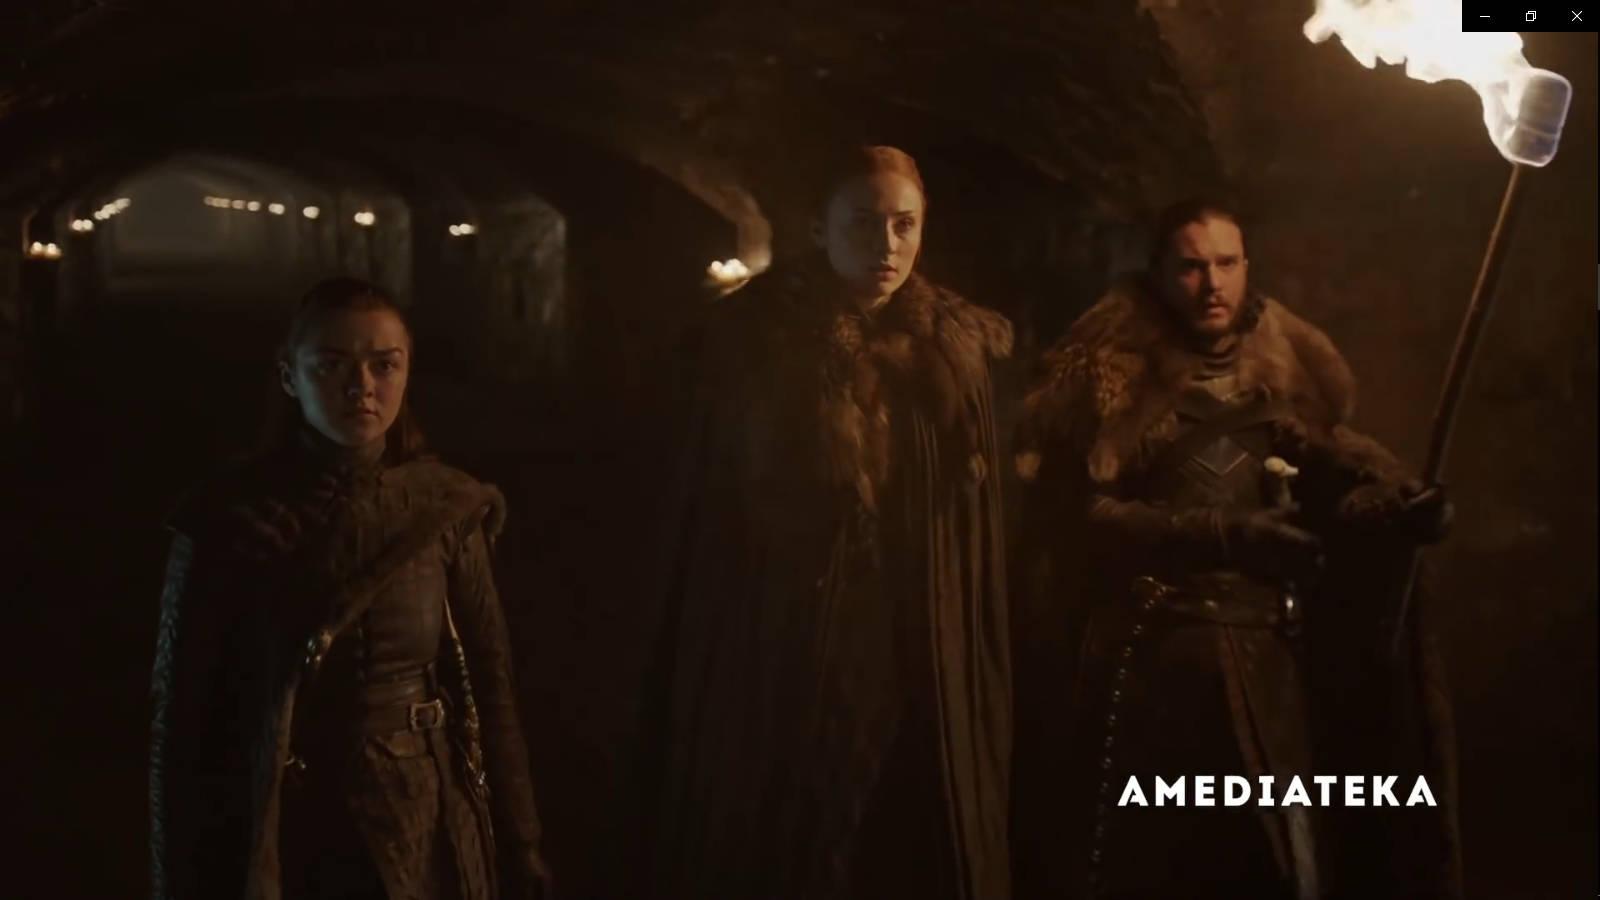 Джон Сноу,Ария Старк и Санса Старк в 8 сезоне Игры престолов